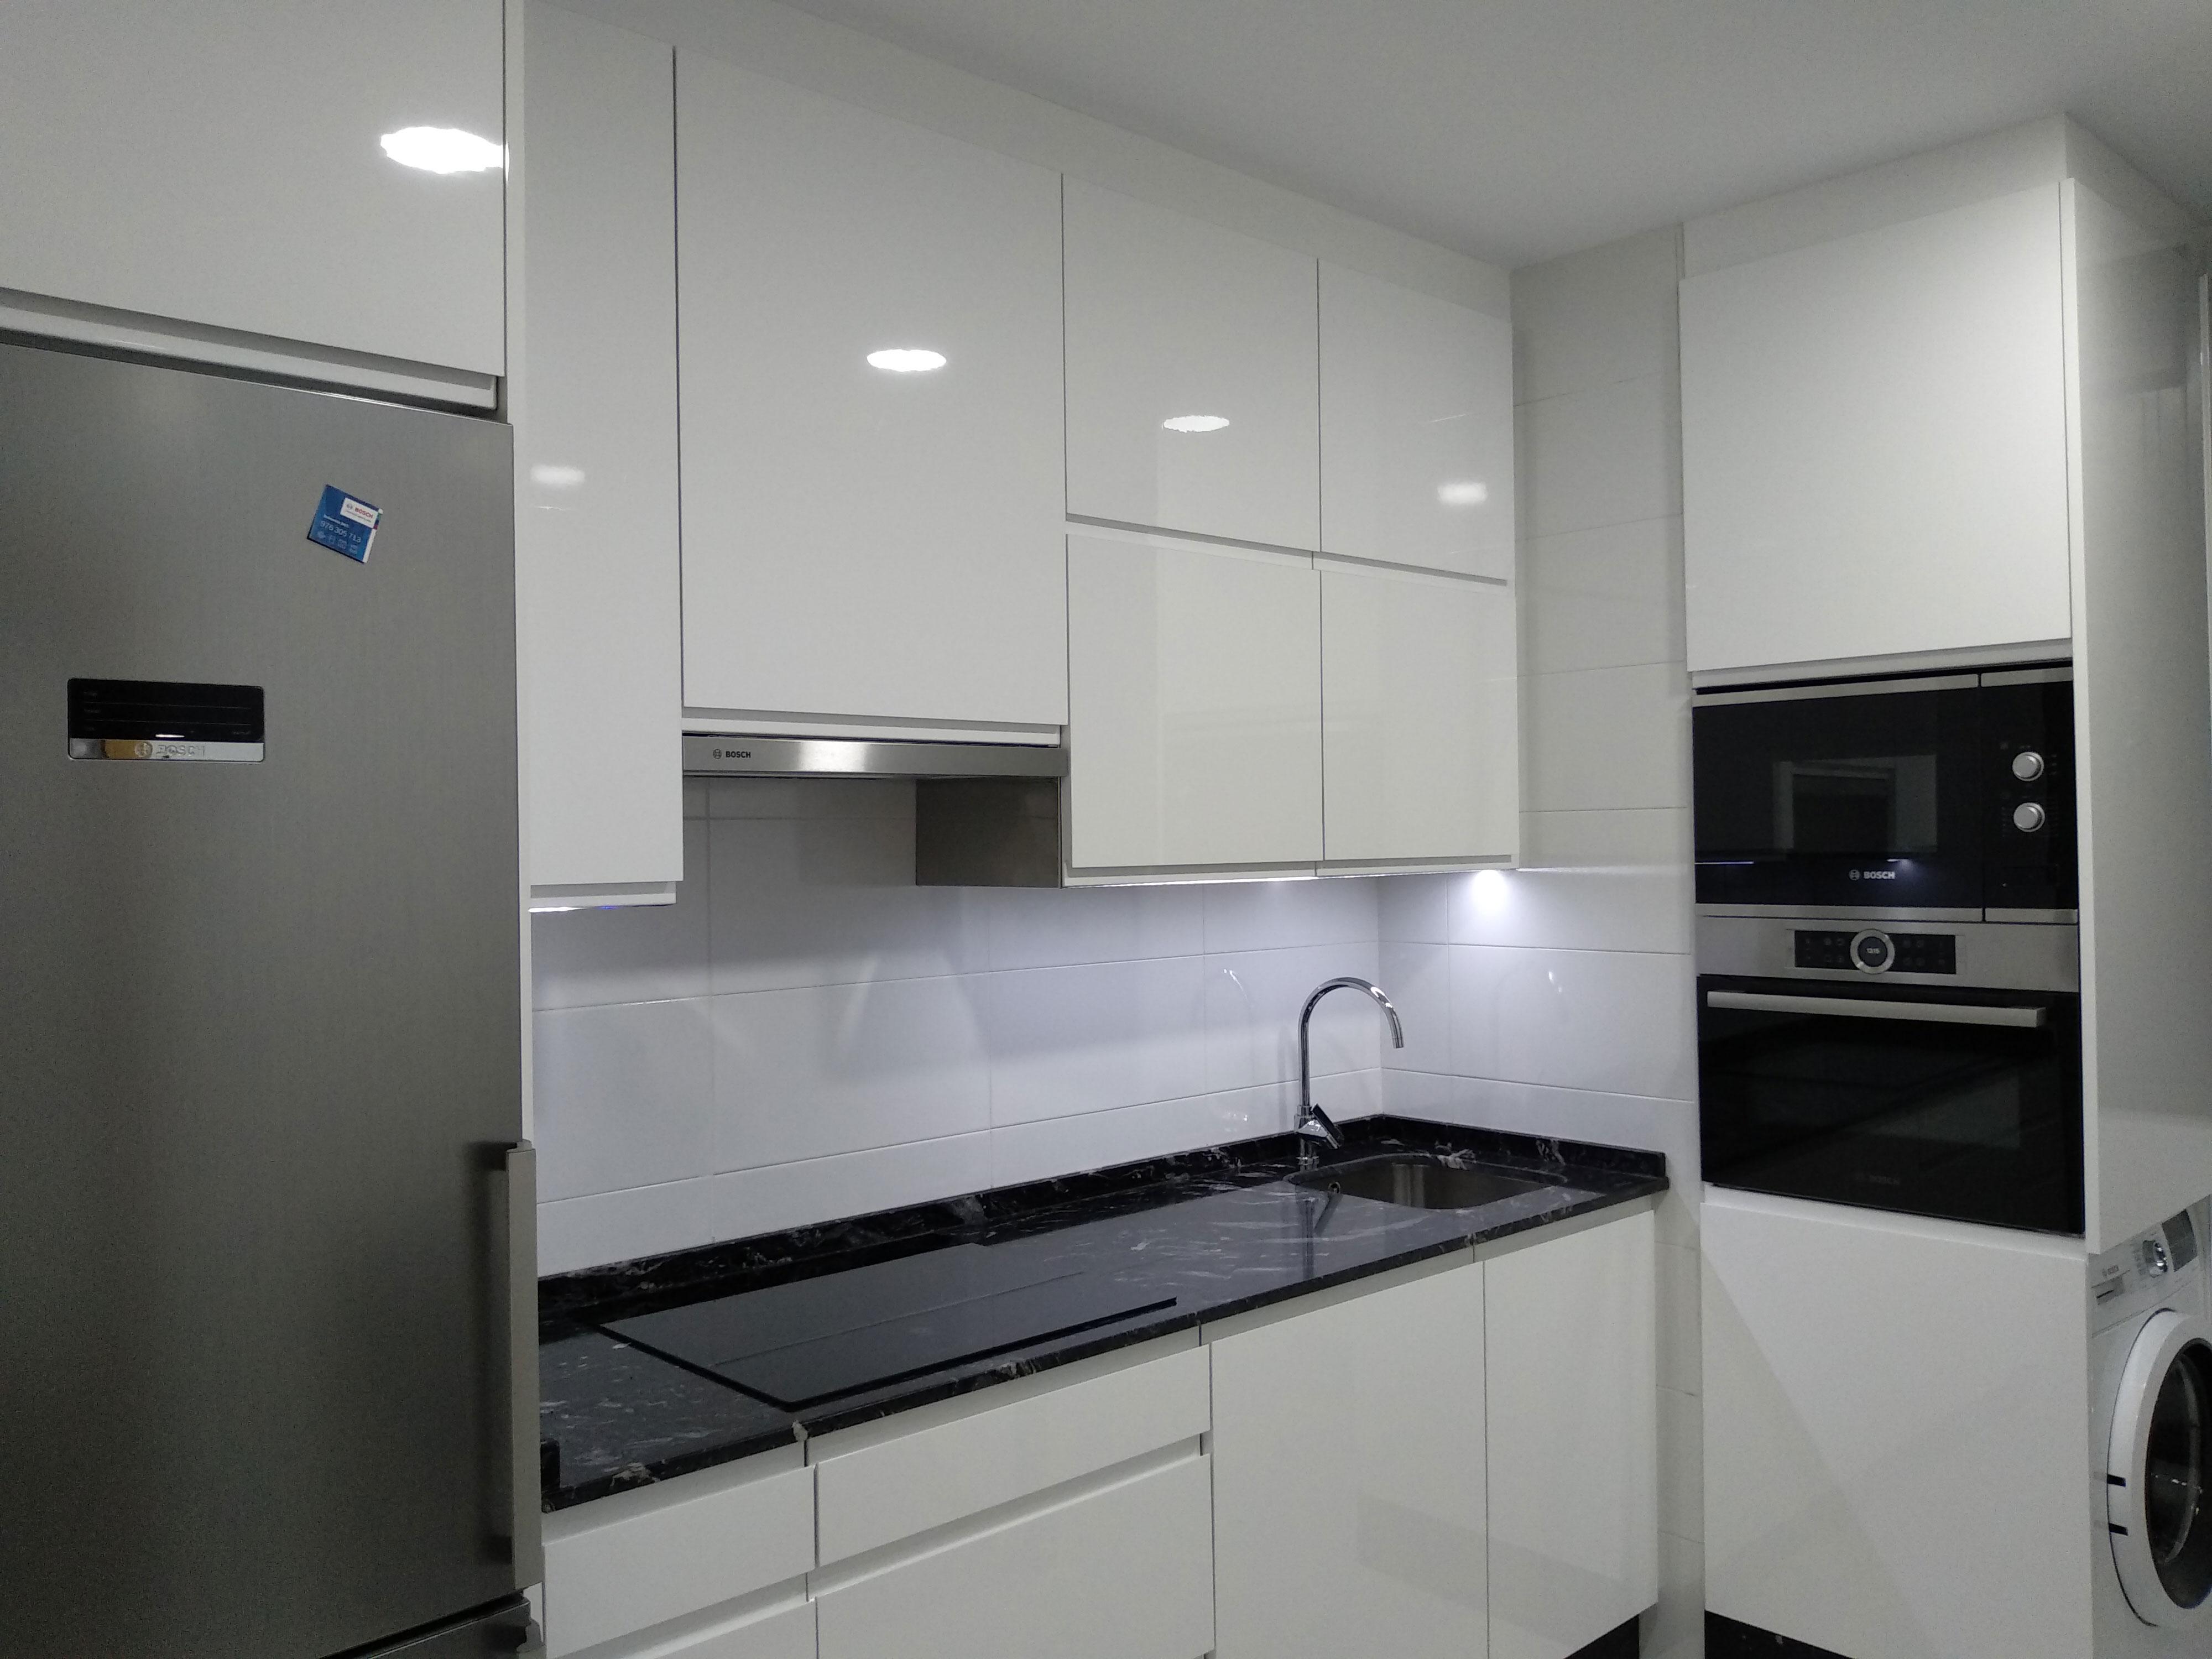 cocina-carpinteria-rico-15